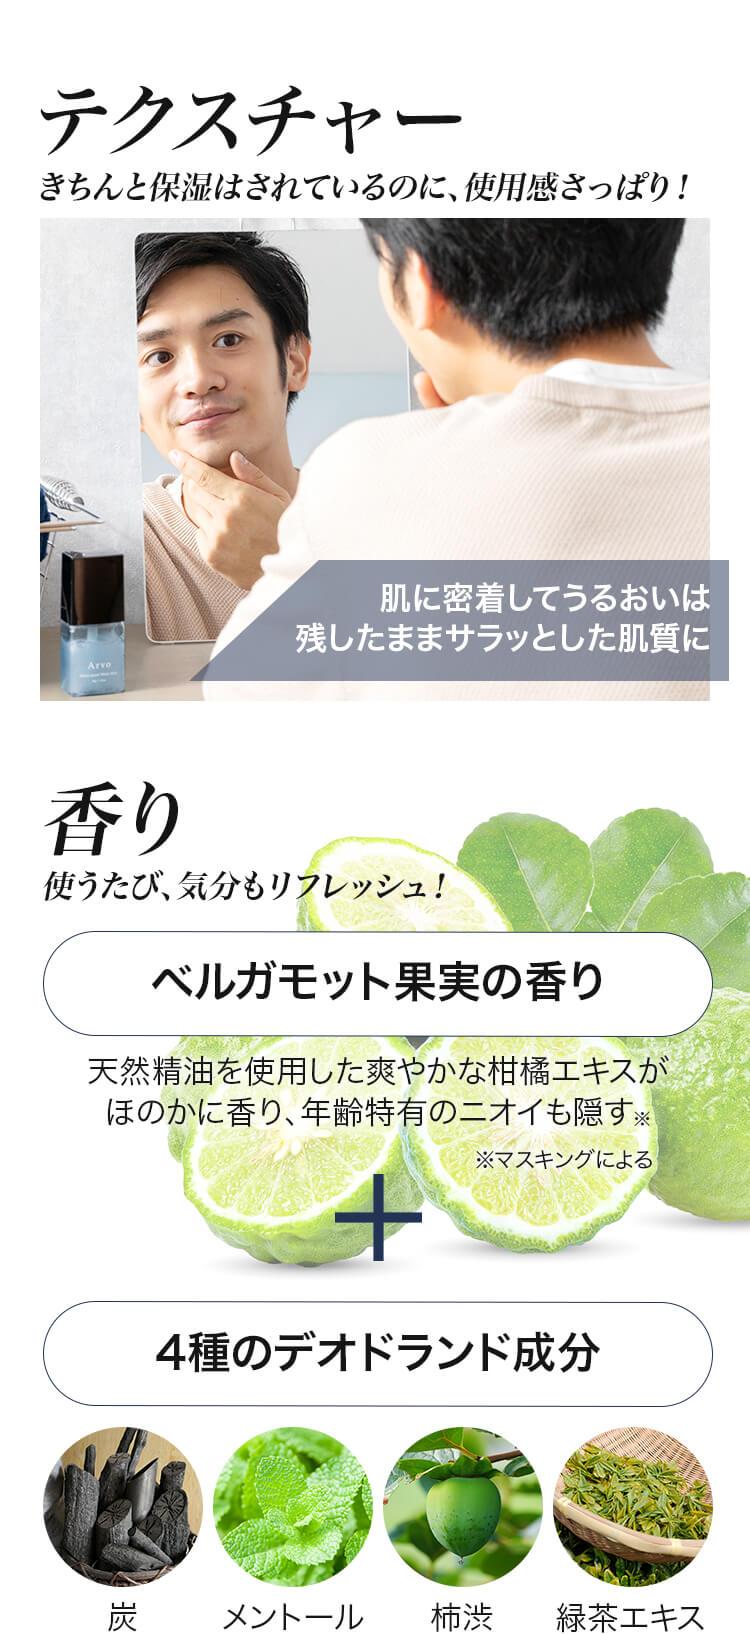 きちんと保湿 使用感さっぱり!ベルガモット果実の香り 4種のデオドランド成分